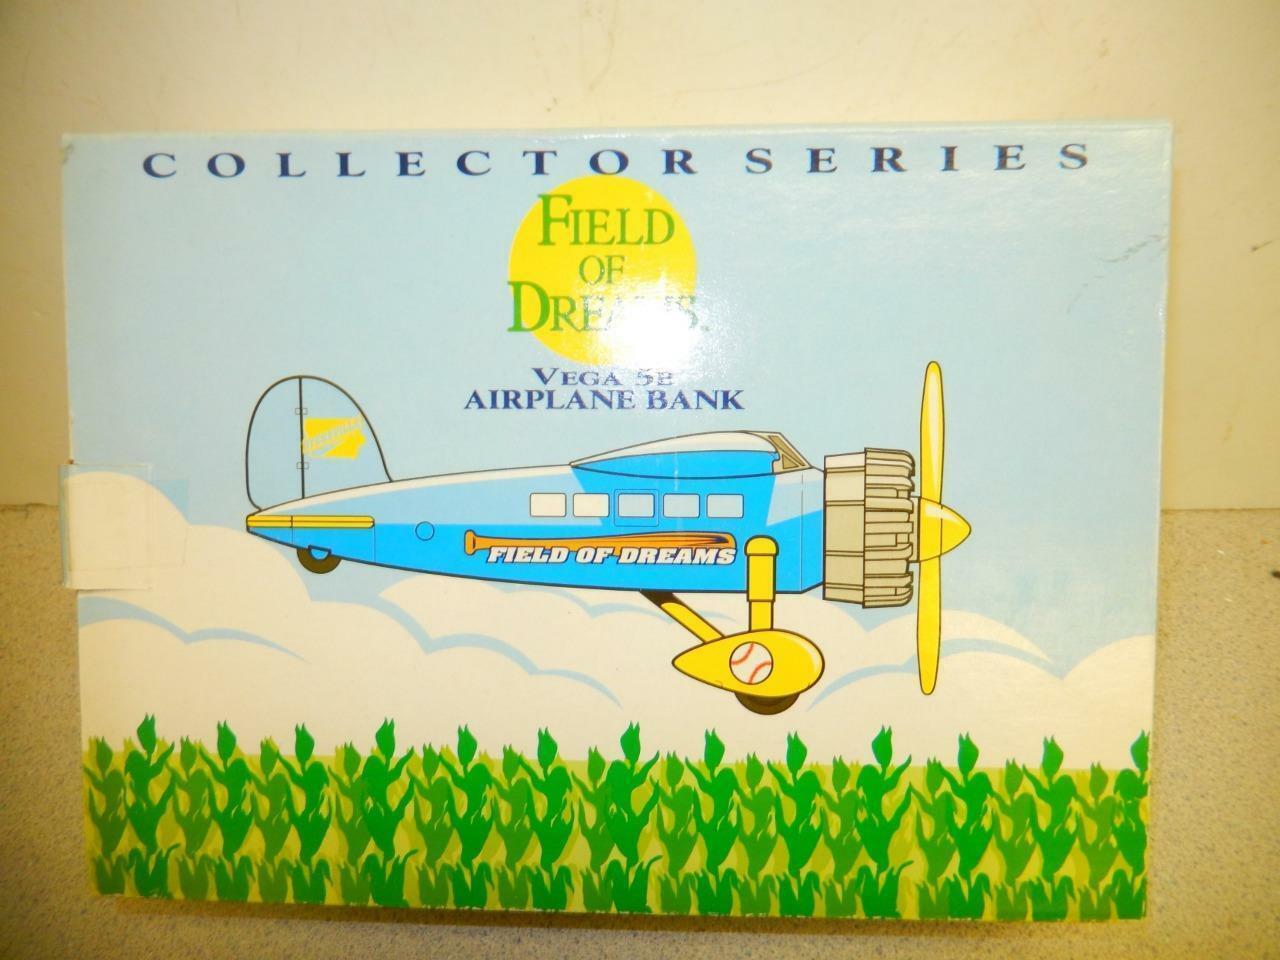 Ertl Diecast Airplane: 3 listings